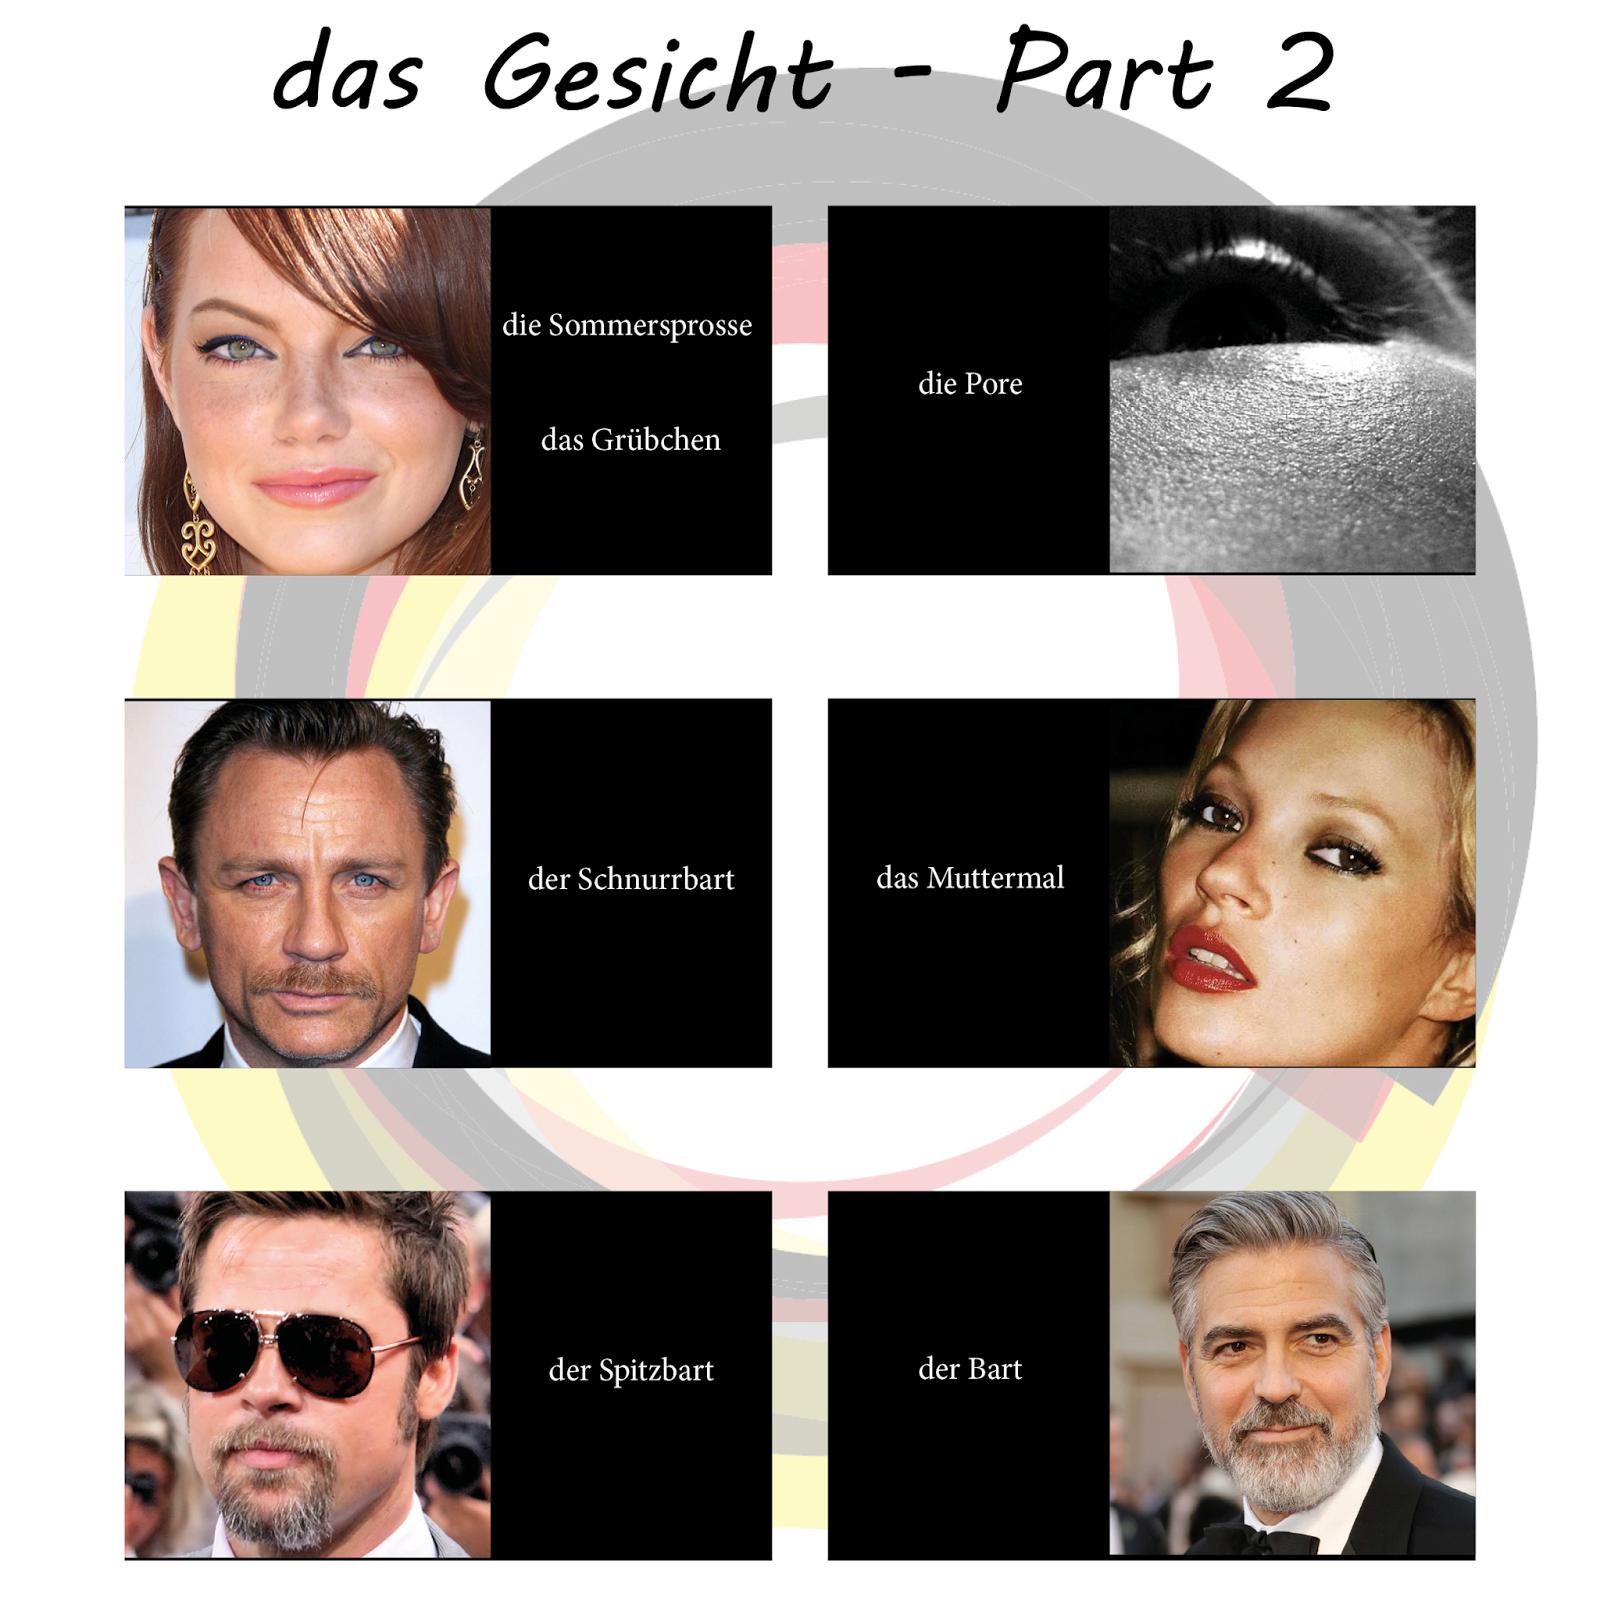 Solo alemán la cara en alemán